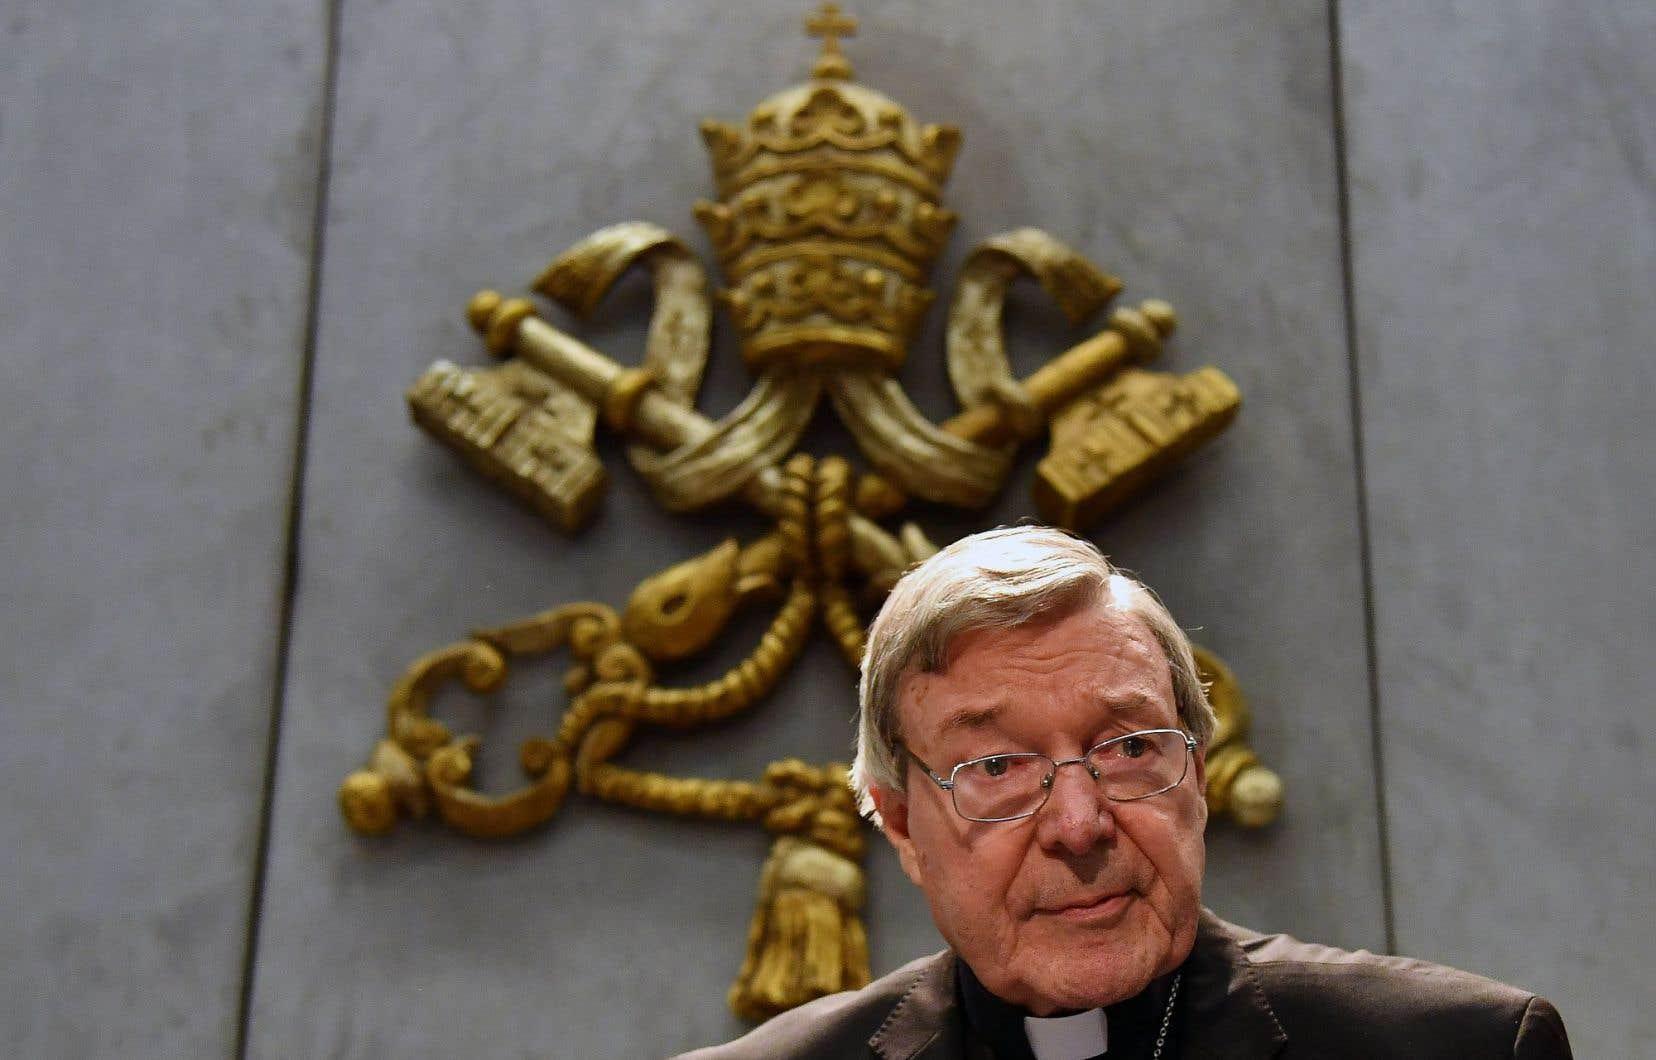 Le cardinal George Pell, responsable des dossiers économiques au Vatican, comparaîtra le 18juillet devant la justice australienne pour de multiples sévices sexuels sur mineurs.